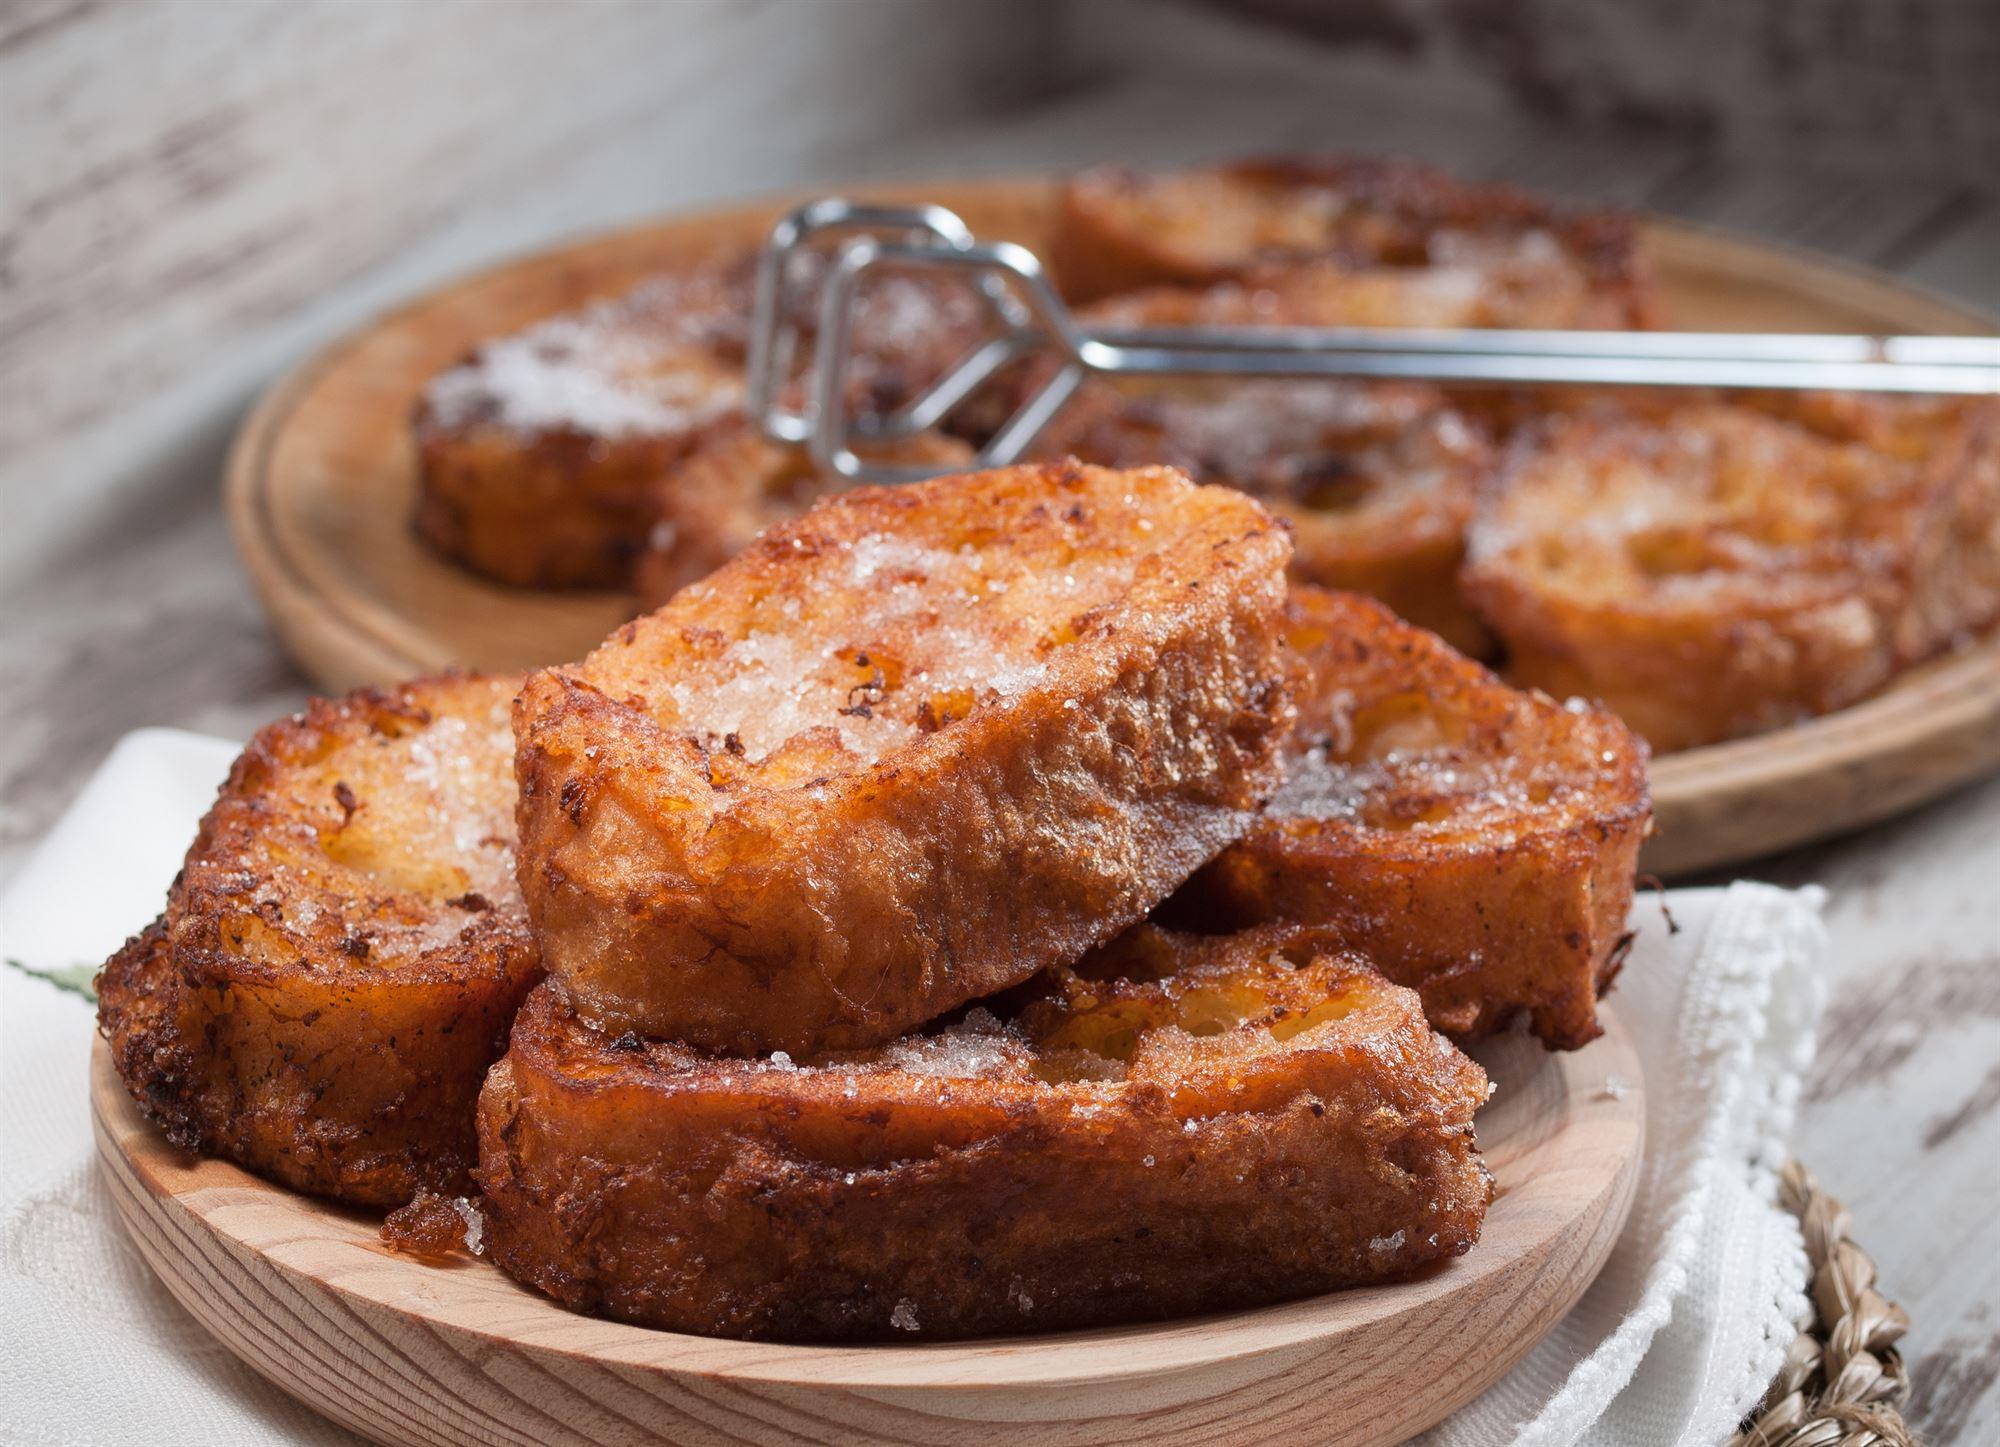 Varme mellemmadder med ost og krydderurter